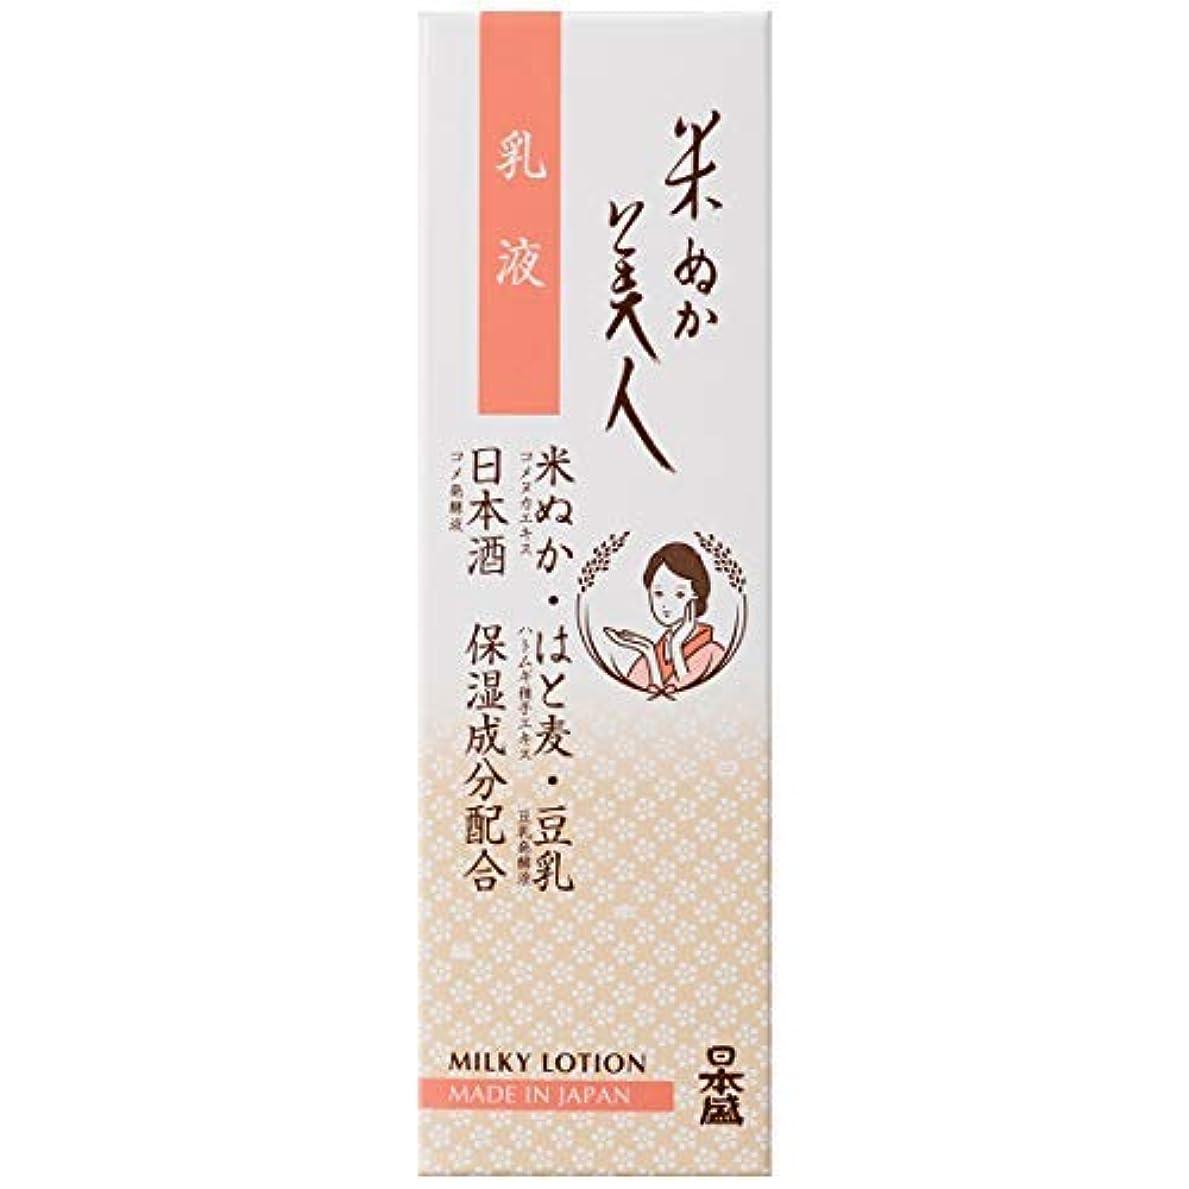 上昇祖先と米ぬか美人 乳液 × 6個セット